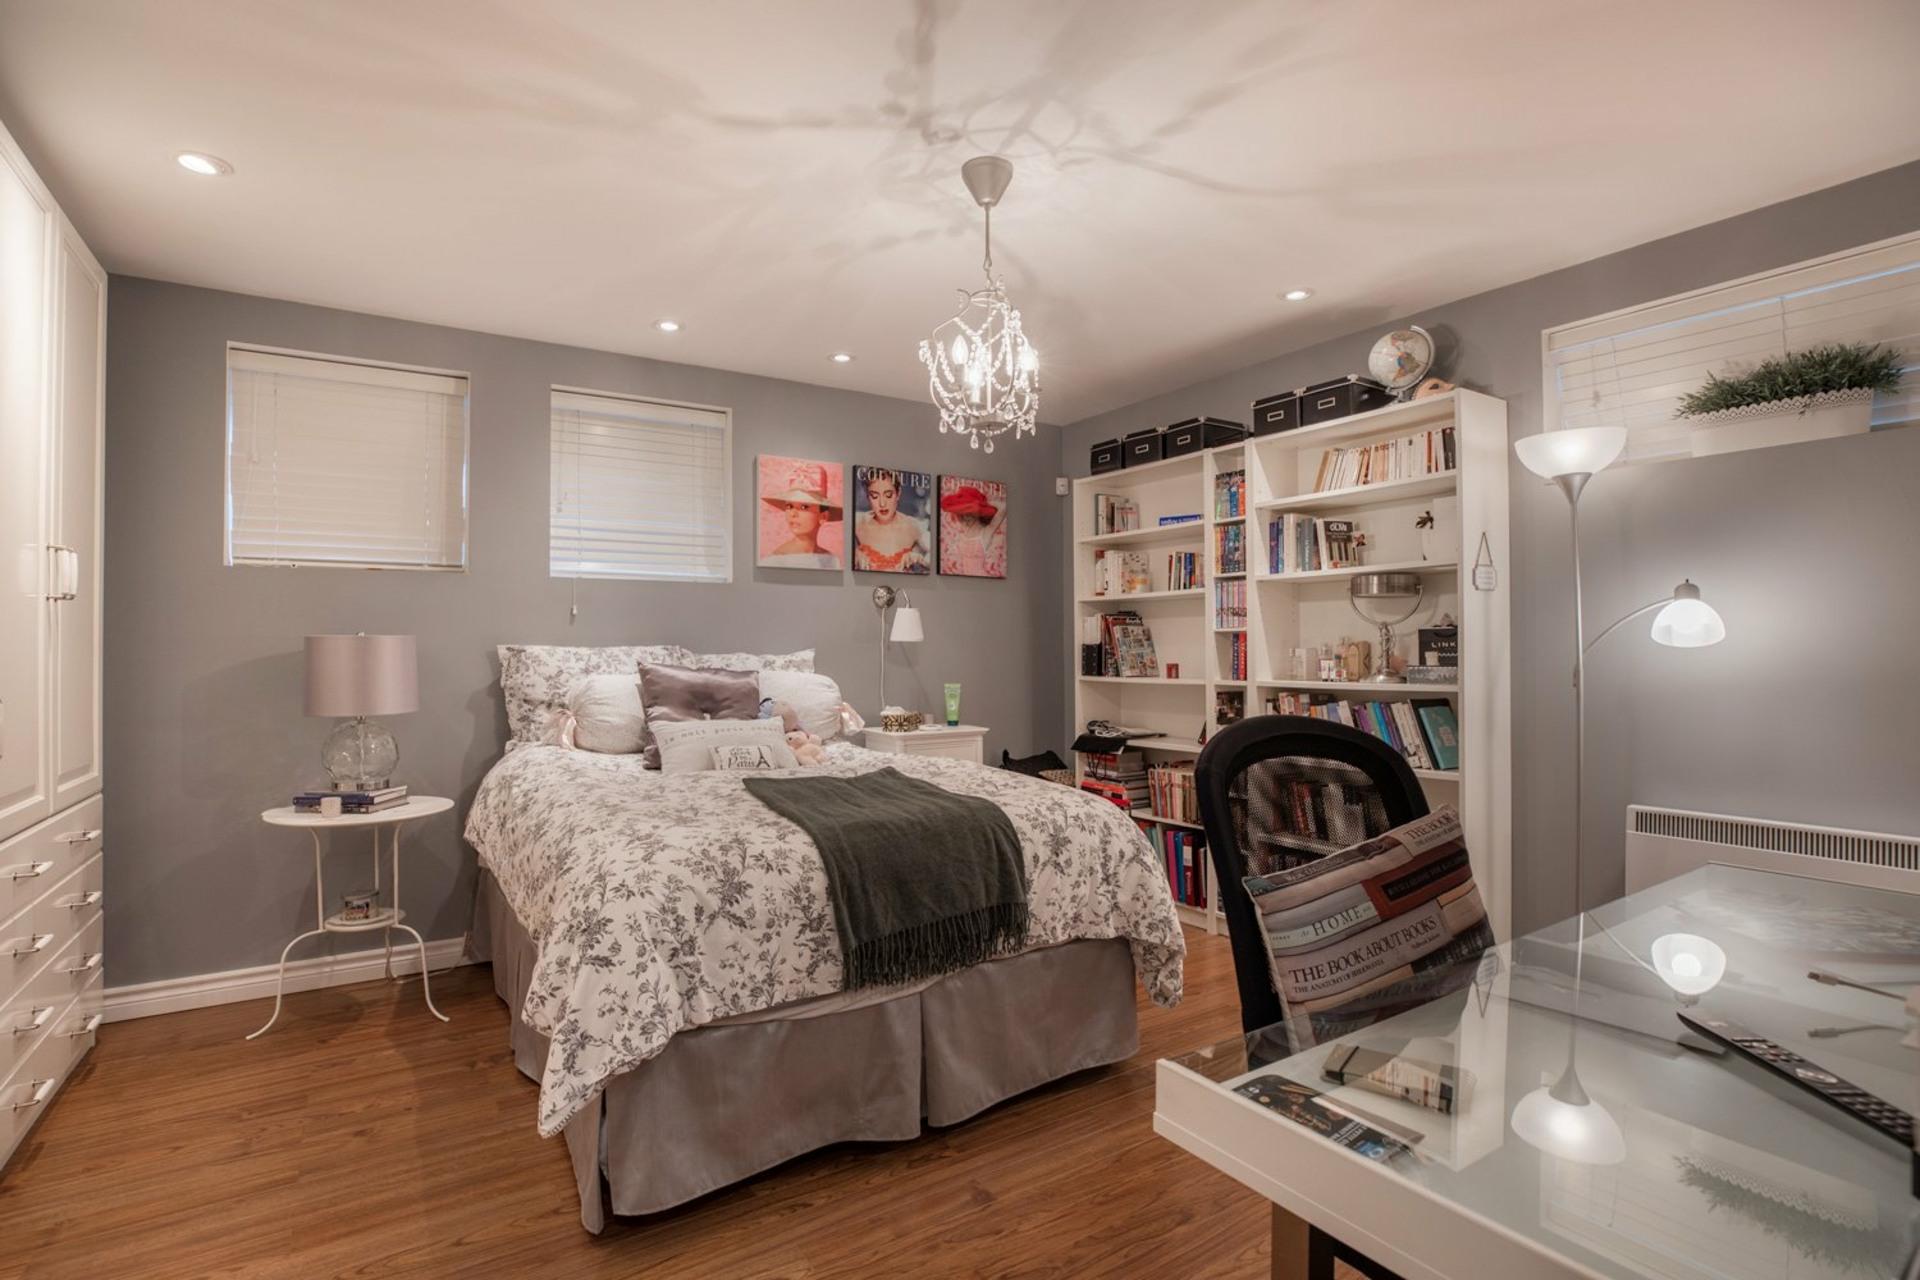 image 22 - House For sale Ahuntsic-Cartierville Montréal  - 8 rooms